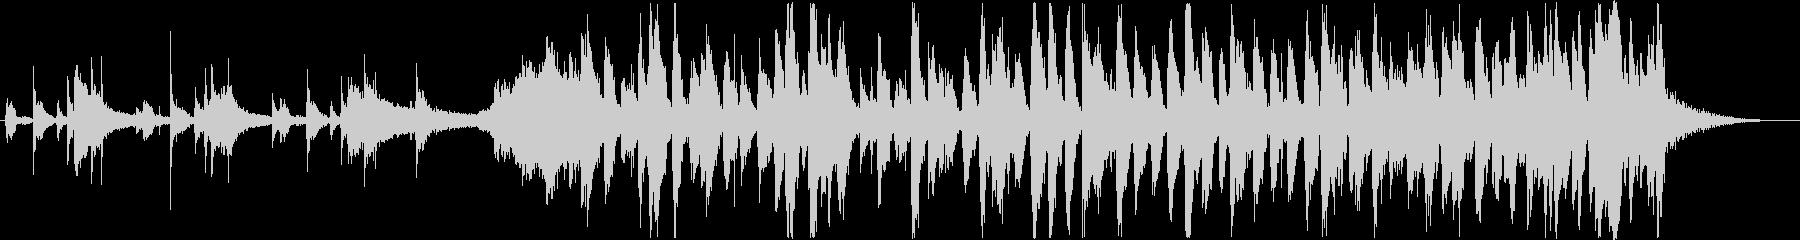 オシャレで軽快なピアノJAZZトリオの未再生の波形